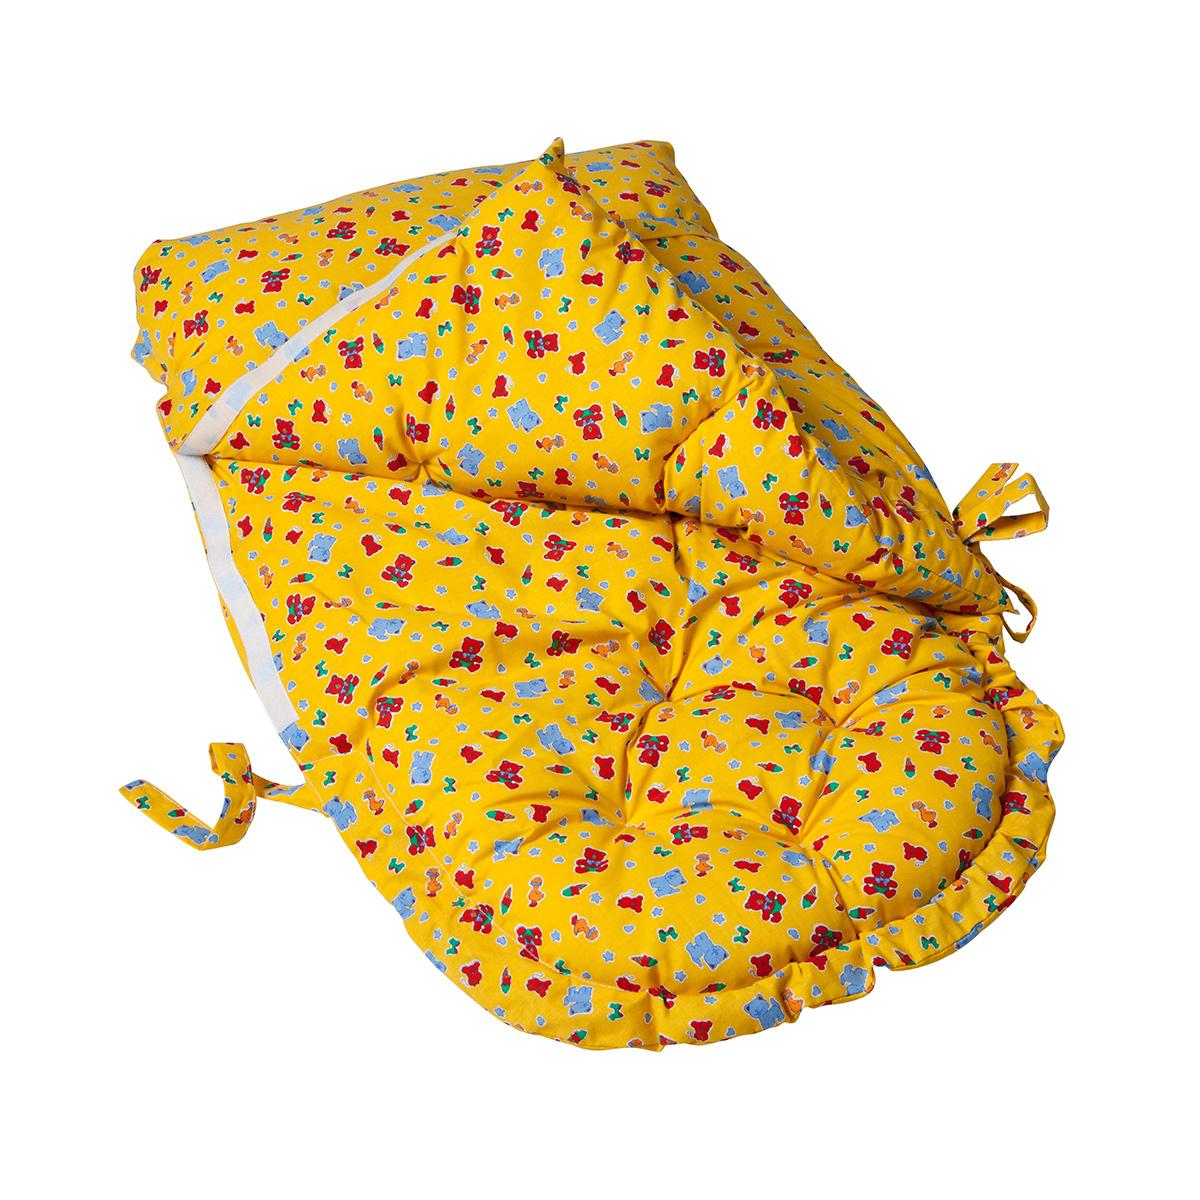 Batex Dětský nánožník z dutého vlákna, 226Ž 60x80 cm, 0.5 kg